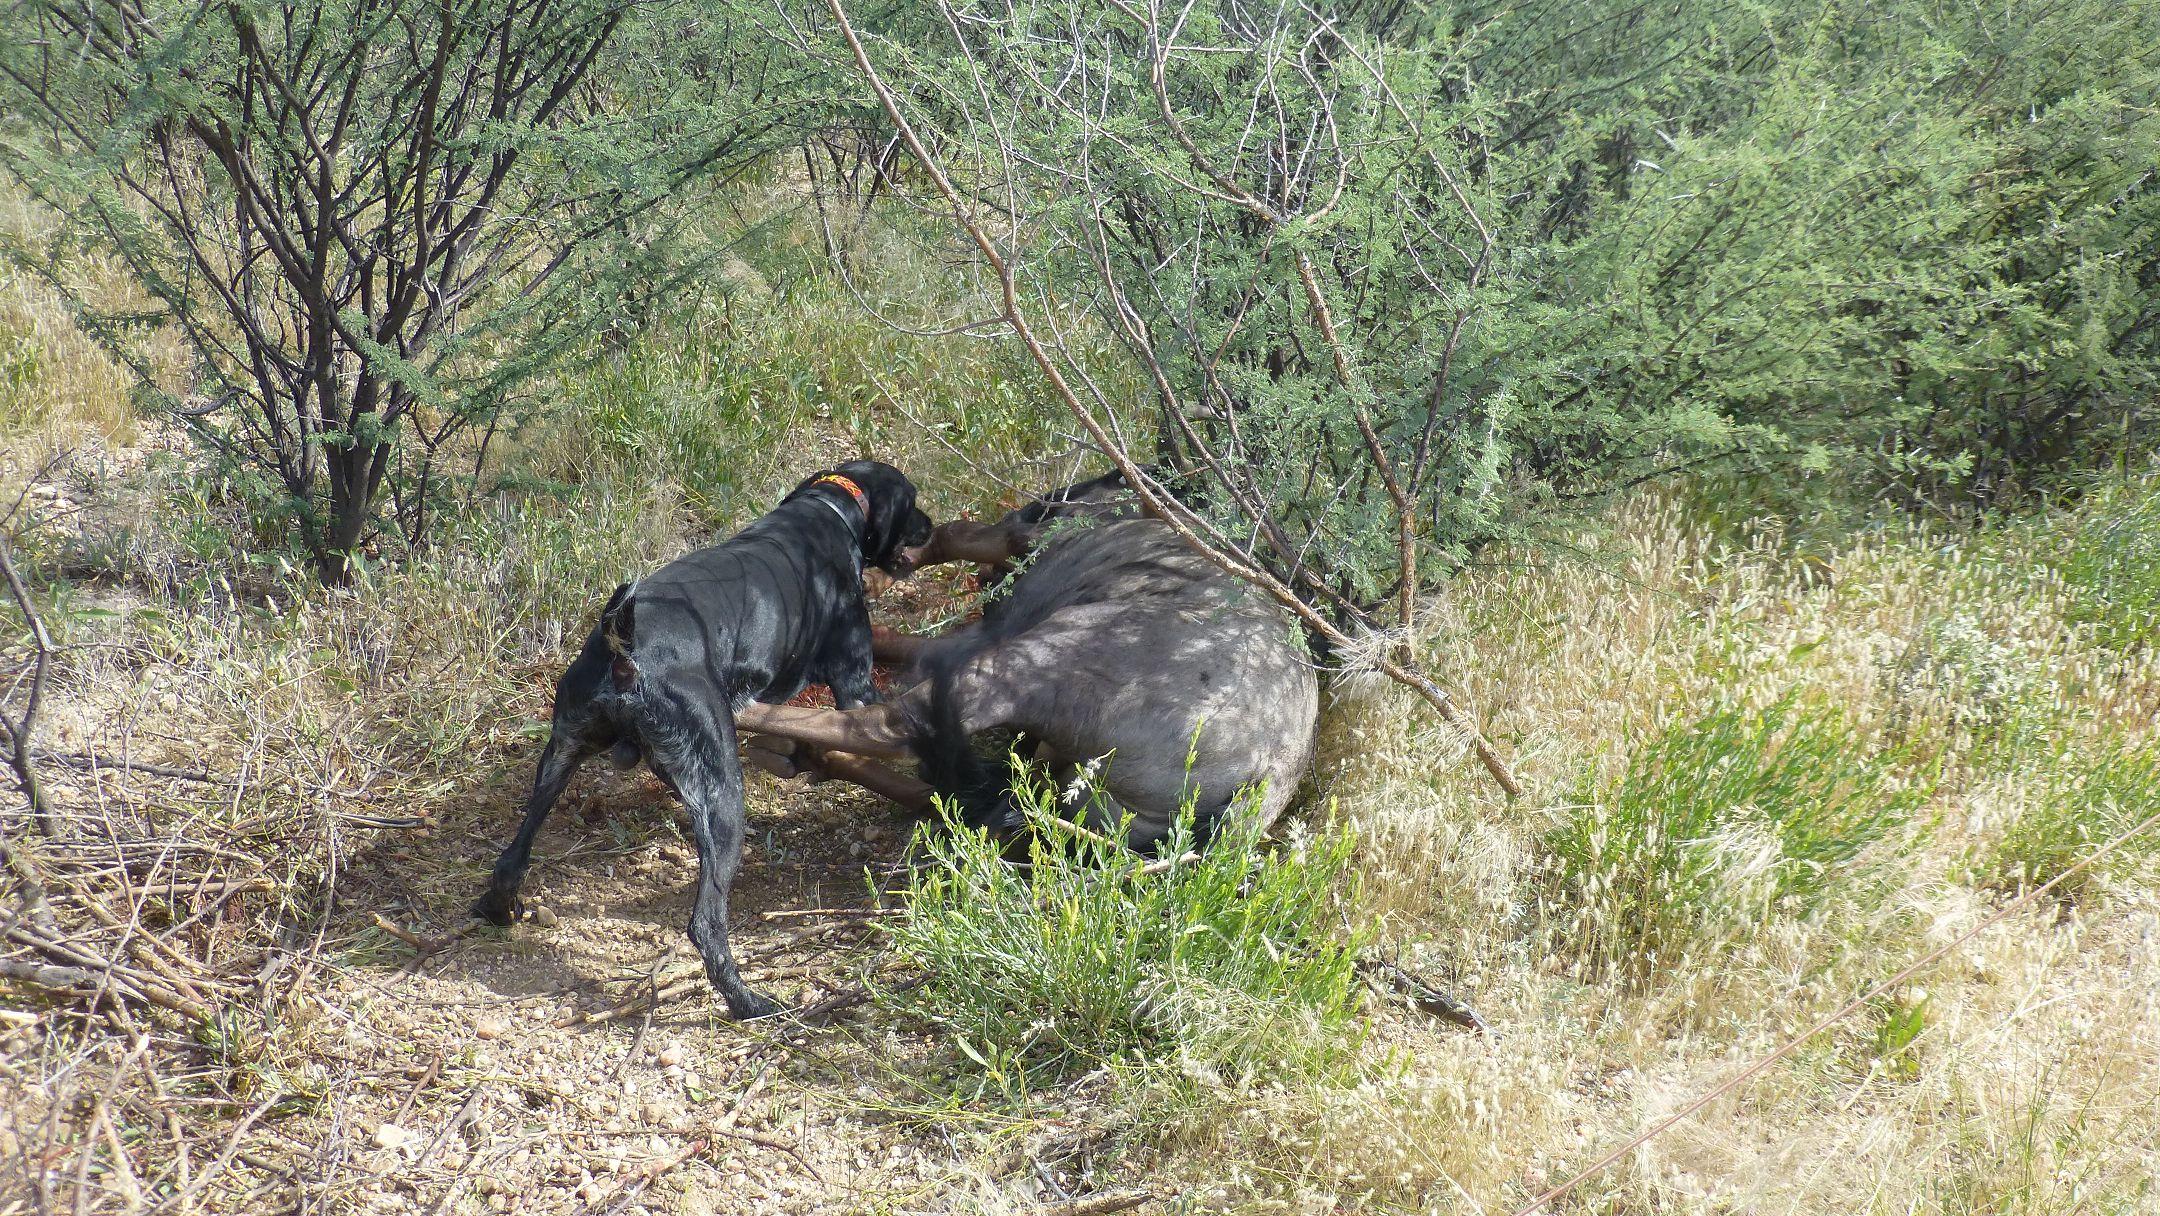 Streifengnu oder Blue Wildebeest